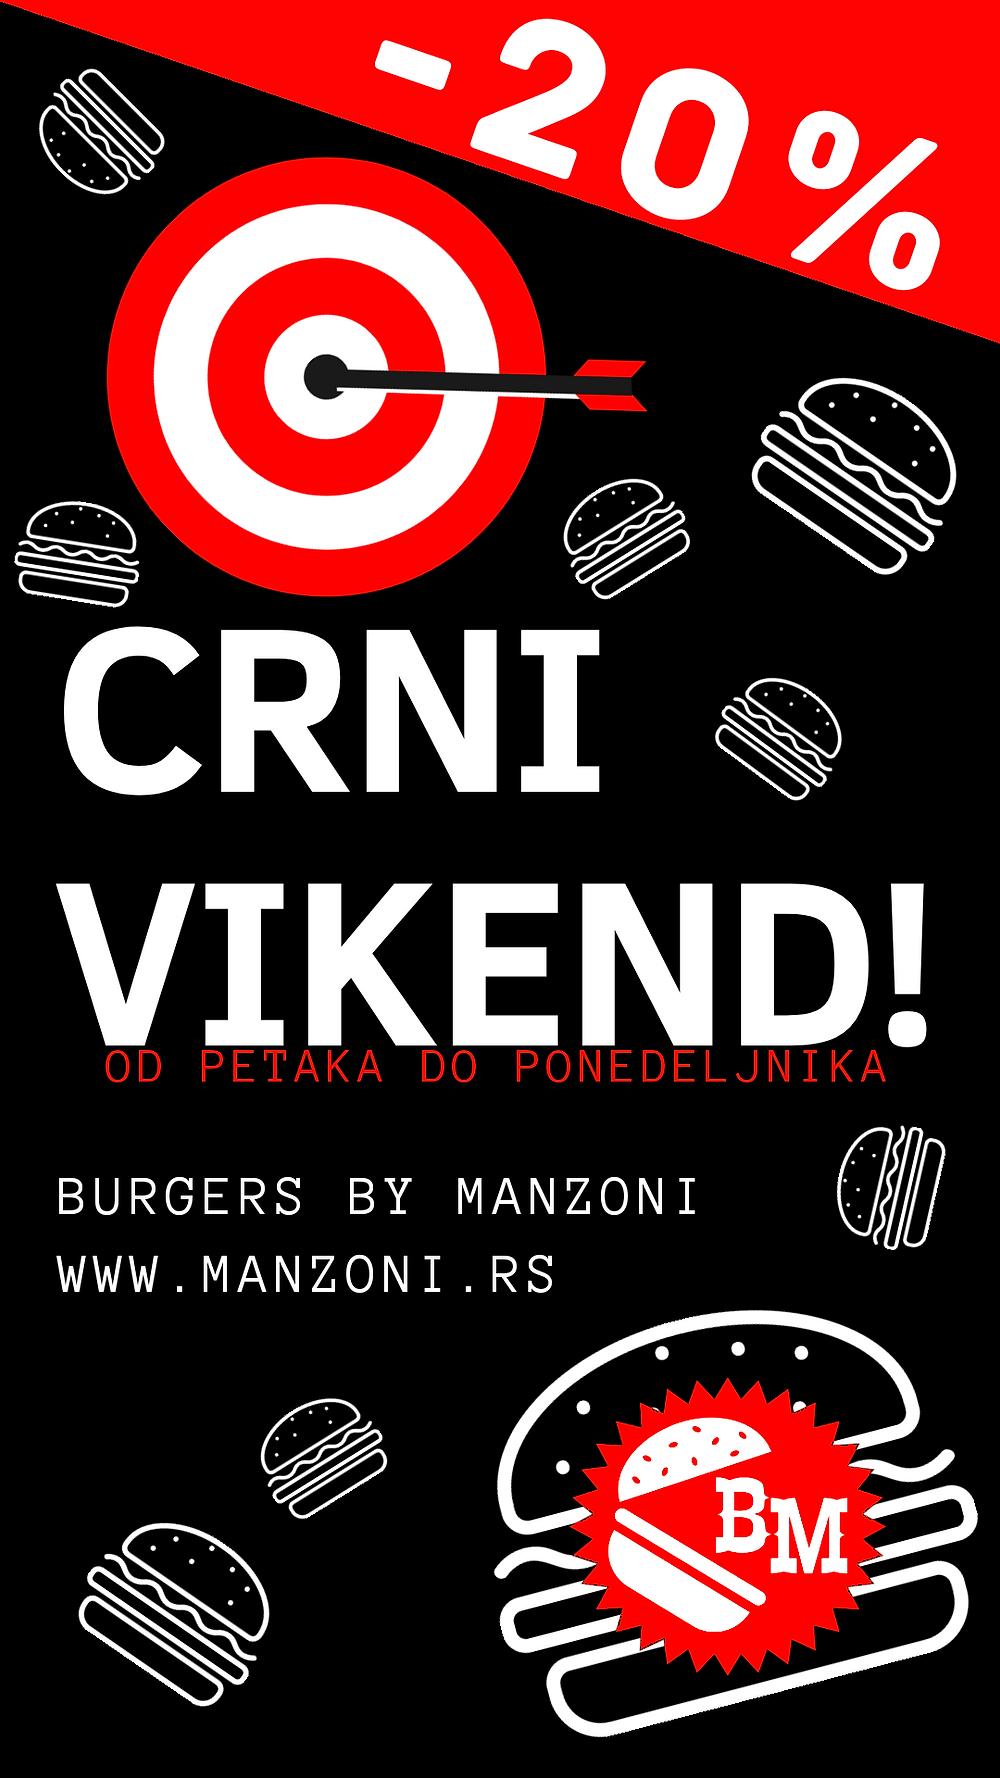 Burgers by Manzoni organizuje CRNI VIKEND! Da, da, dobro ste pročitali, od petka do ponedeljka na sve naše proizvode imate 20% popusta!